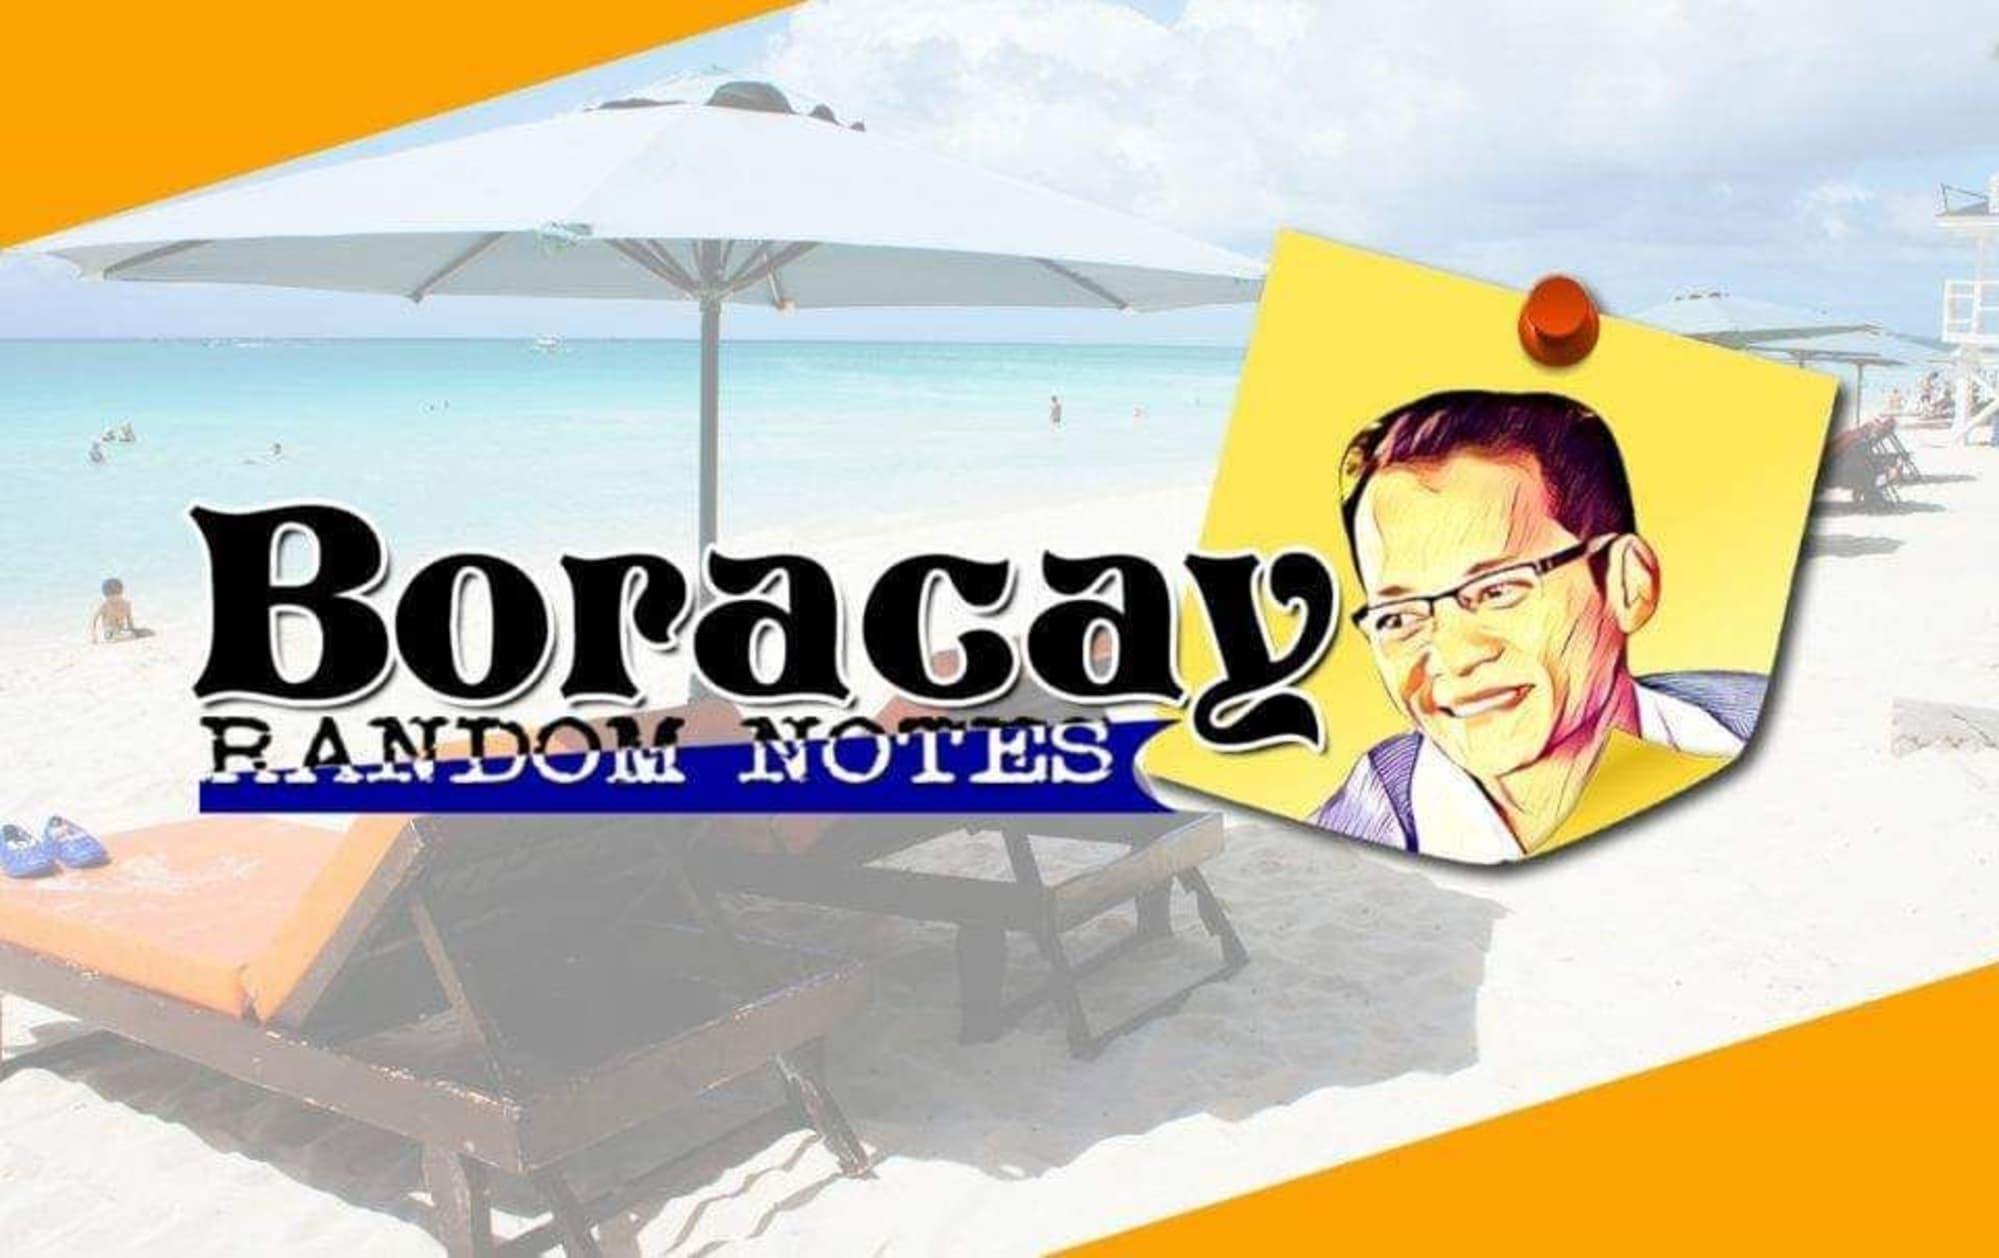 Why Boracay Island needs BIDA